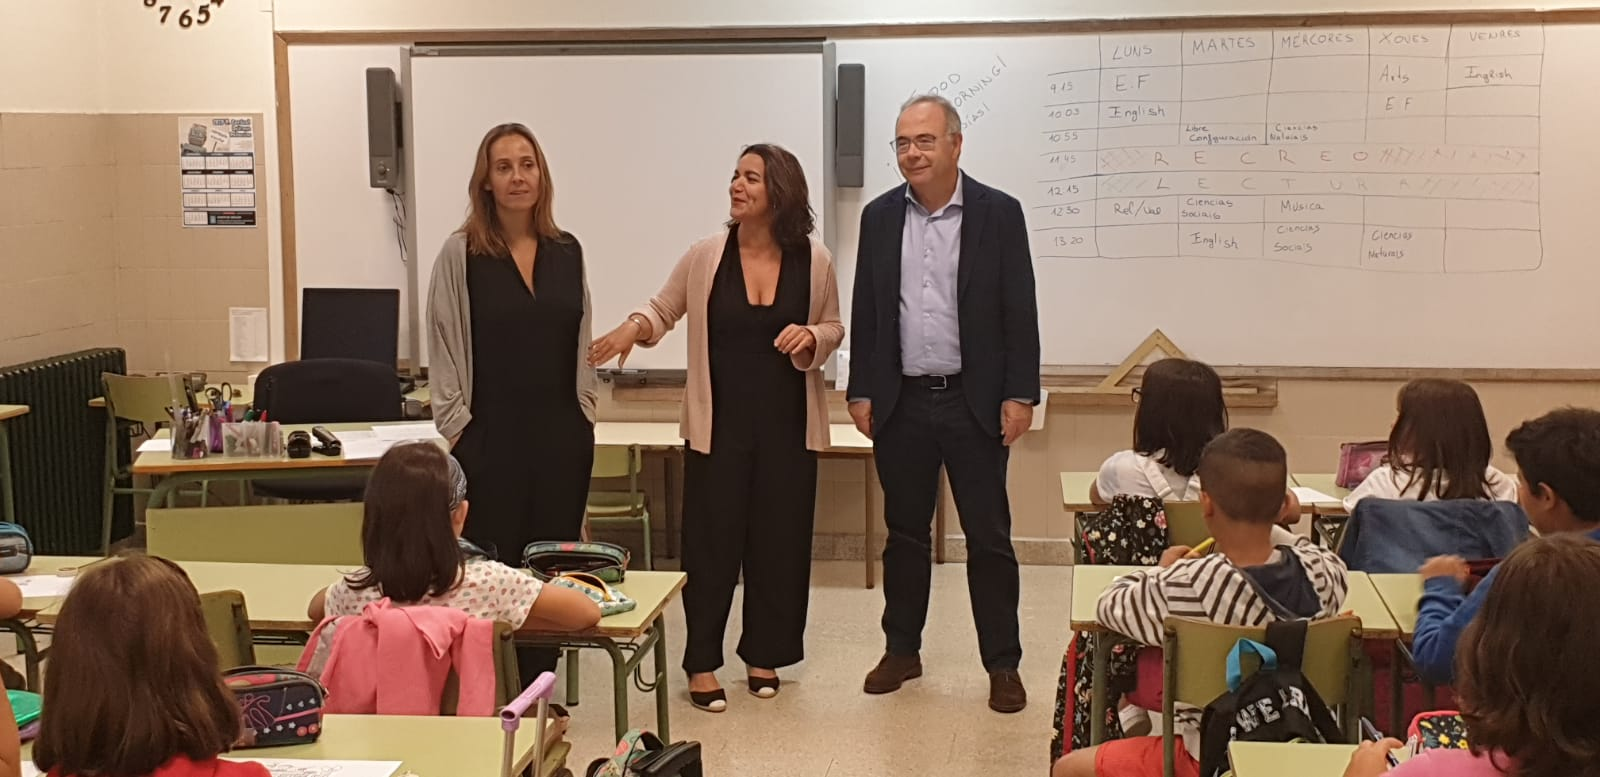 O alcalde e a concelleira de Educación pasaron a saudar os rapaces e rapazas.